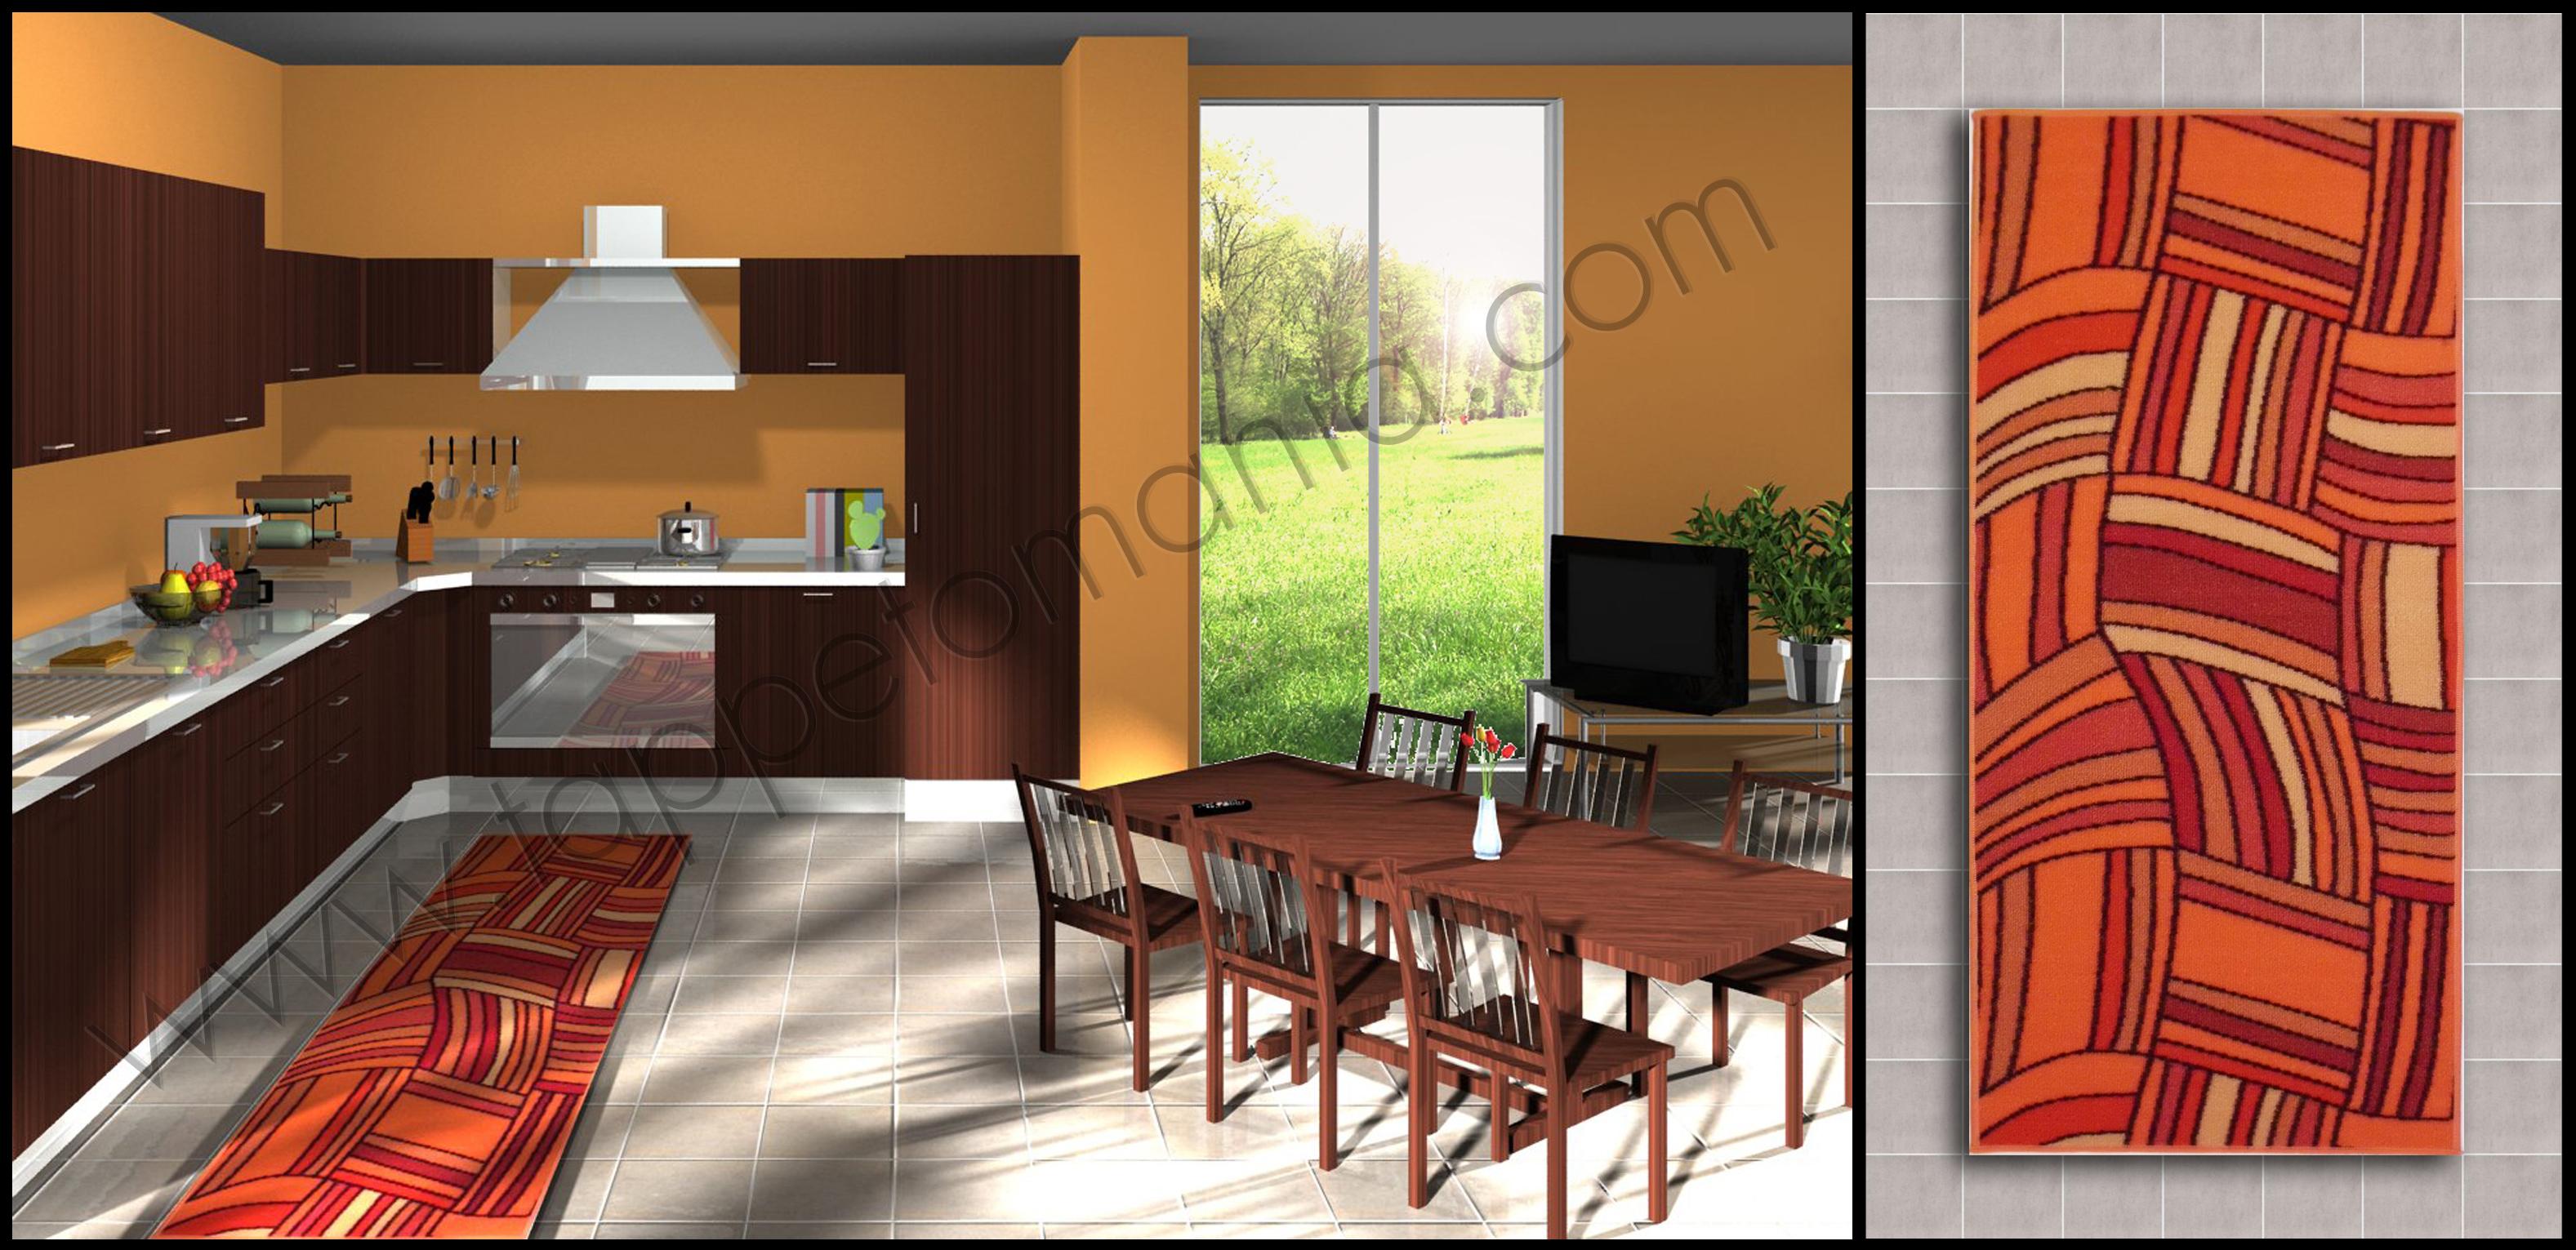 Tappeti Cucina Bagno Antimacchia Prezzi Economici #A73824 3154 1531 Tappeti Moderni Per Sala Da Pranzo